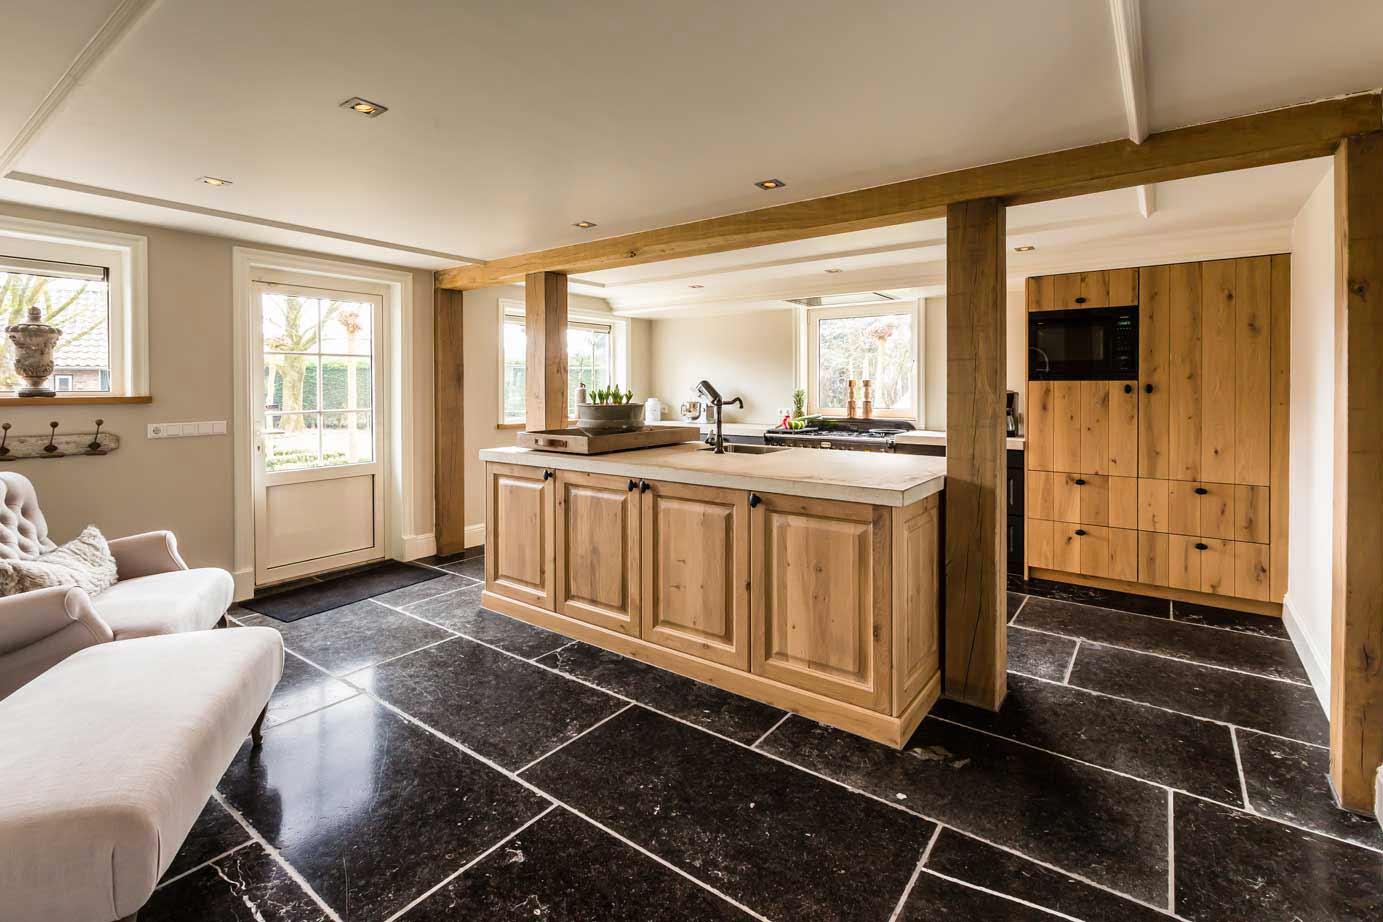 Keur Keukens Keukentegels : Vloertegels voor keuken en badkamer db keukens